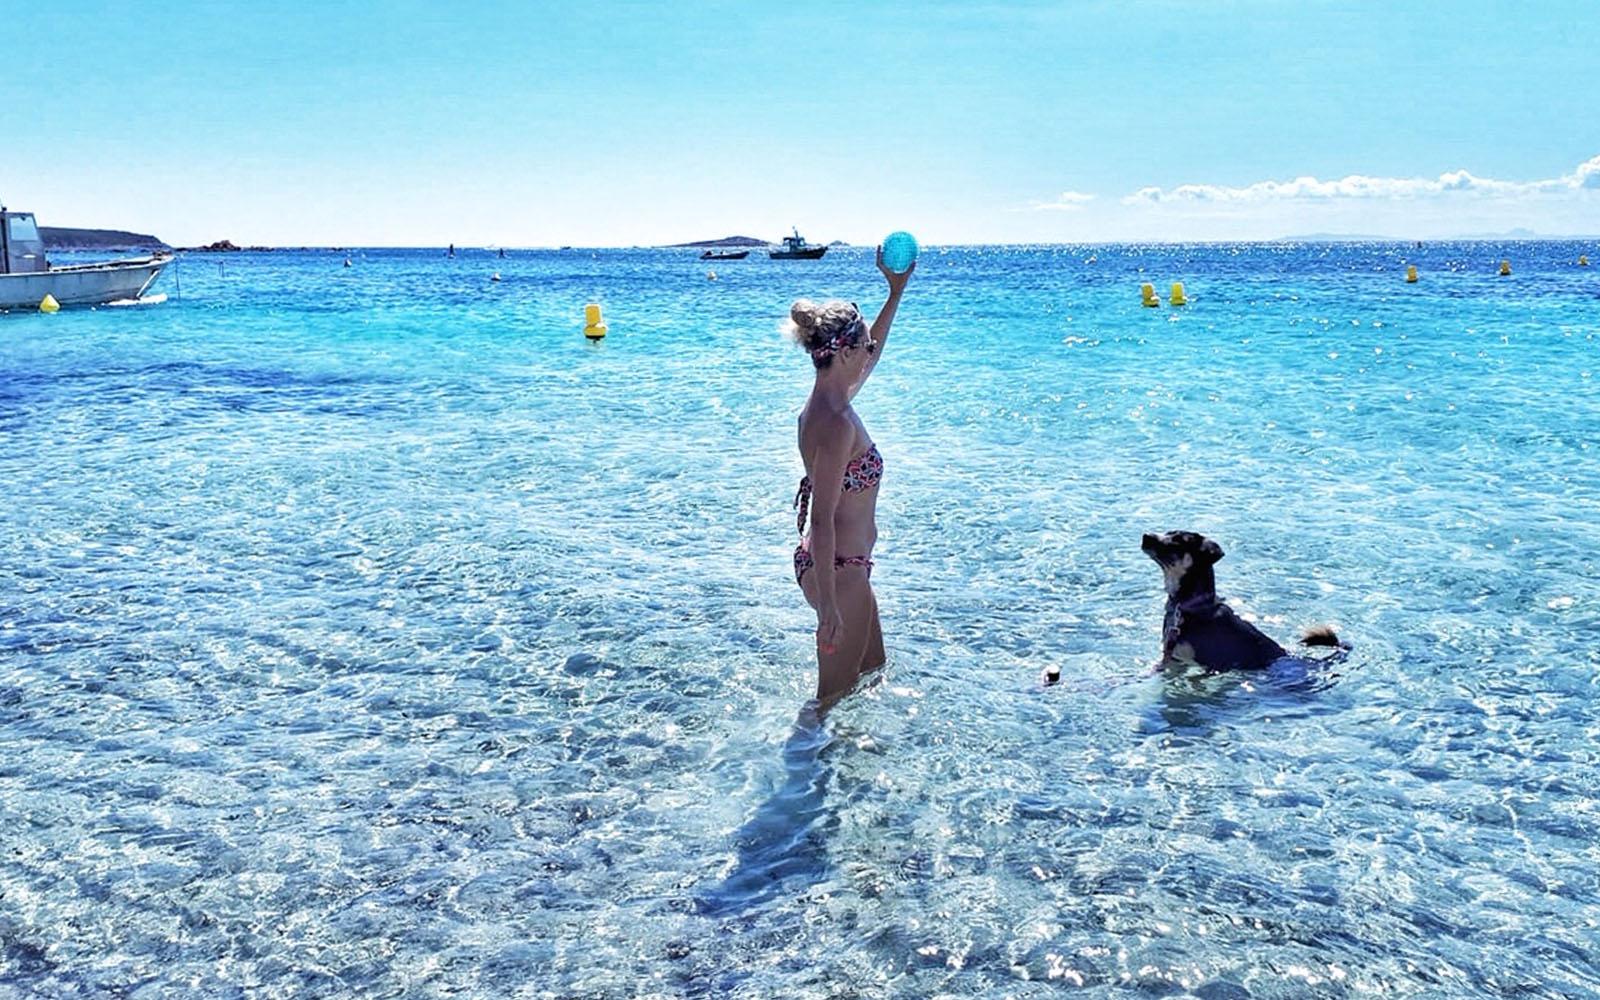 Il mio cane Pastis ed io nella spiaggia Palombaggia, in Corsica. © oltreilbalcone